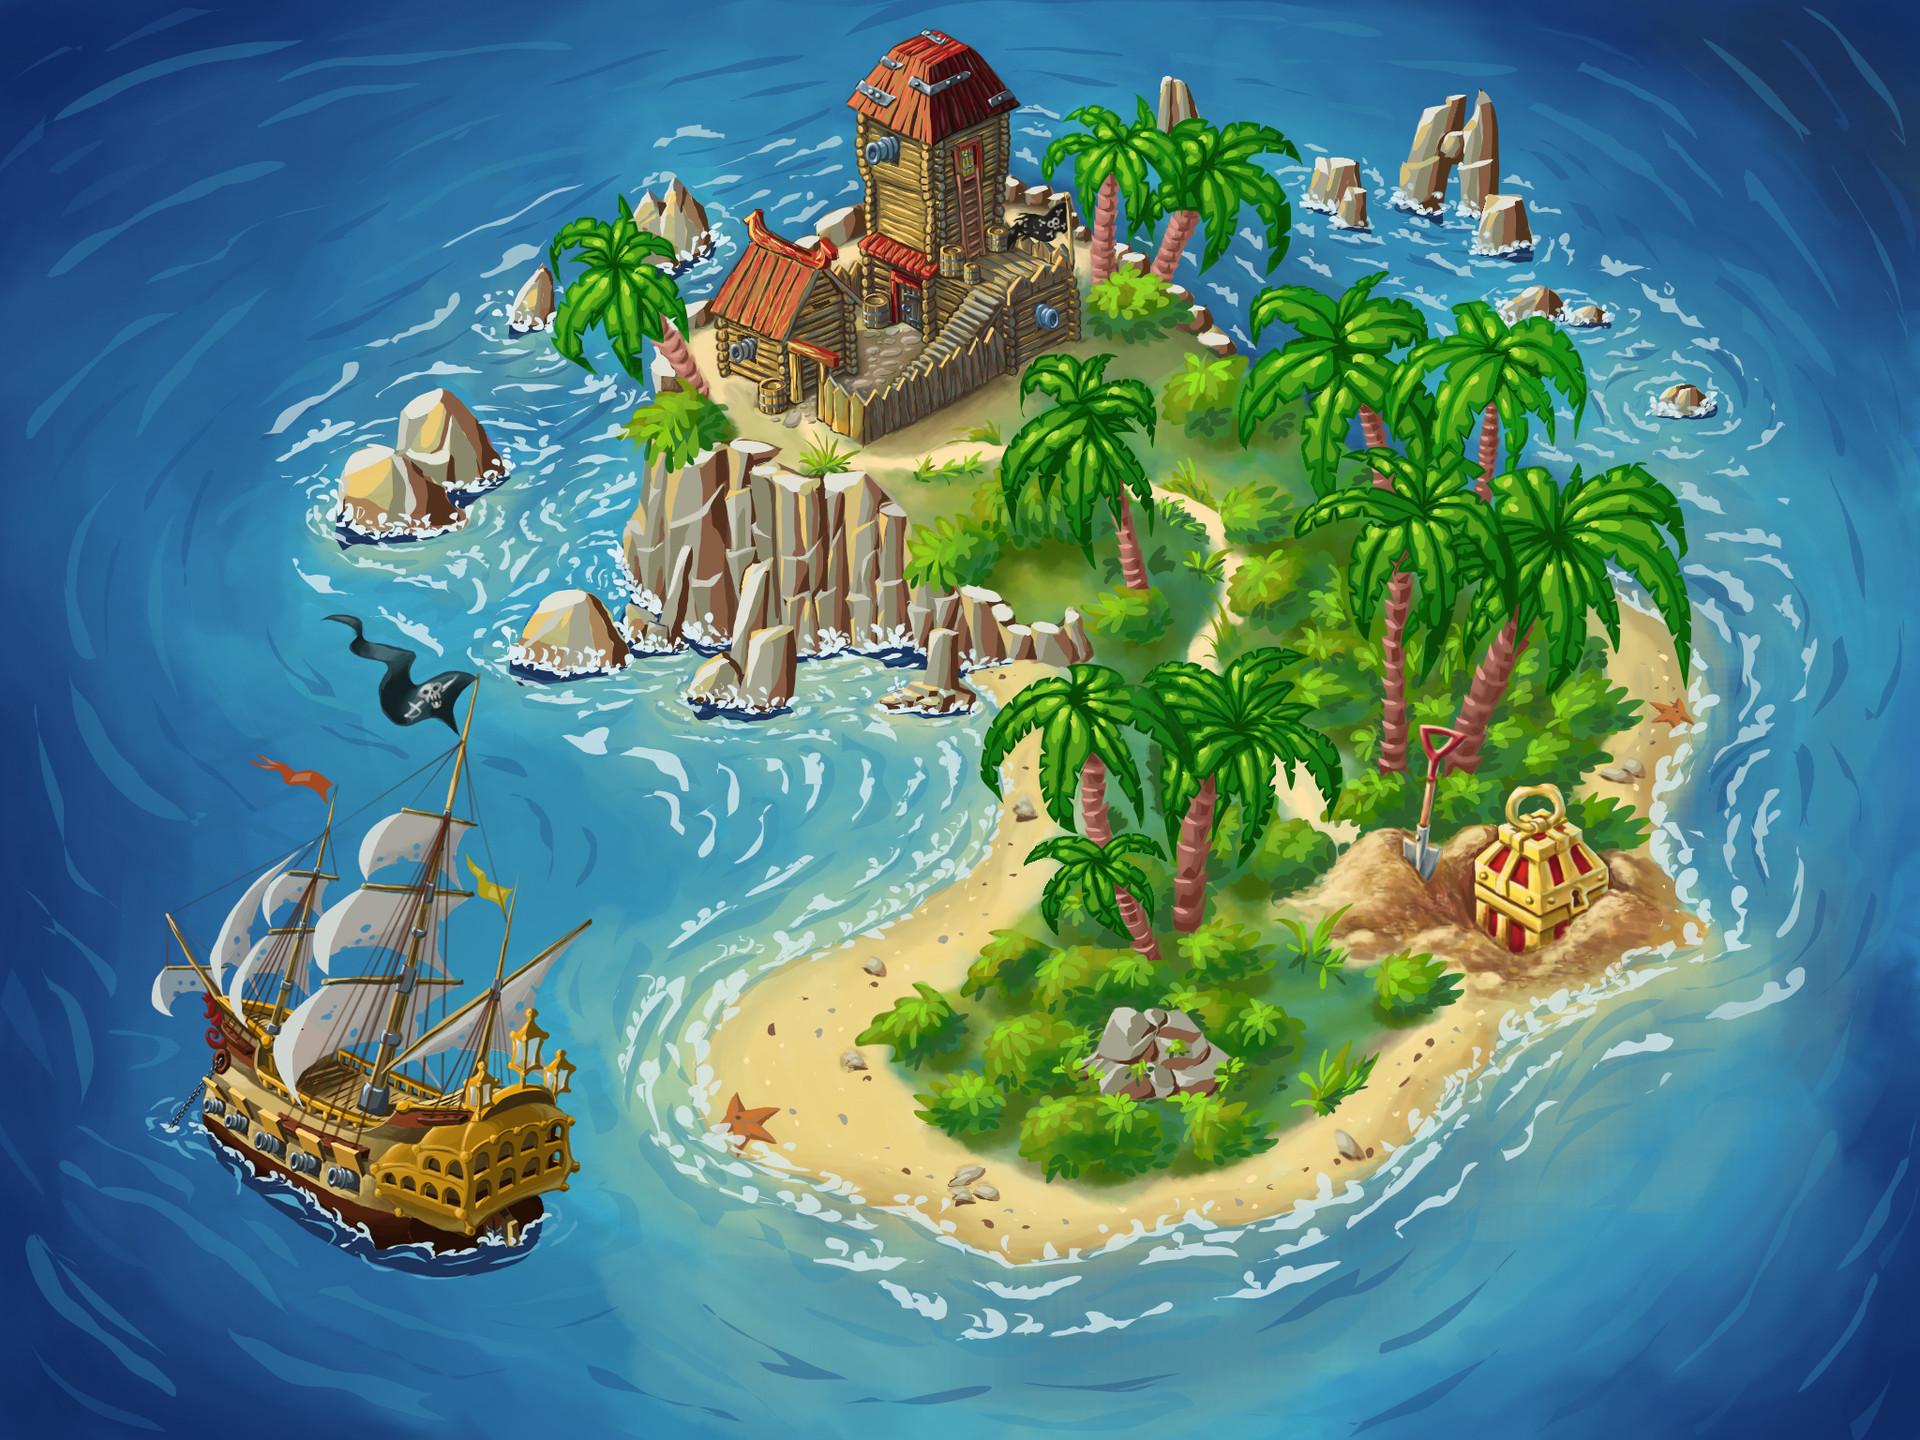 Картинки островов в океане детские